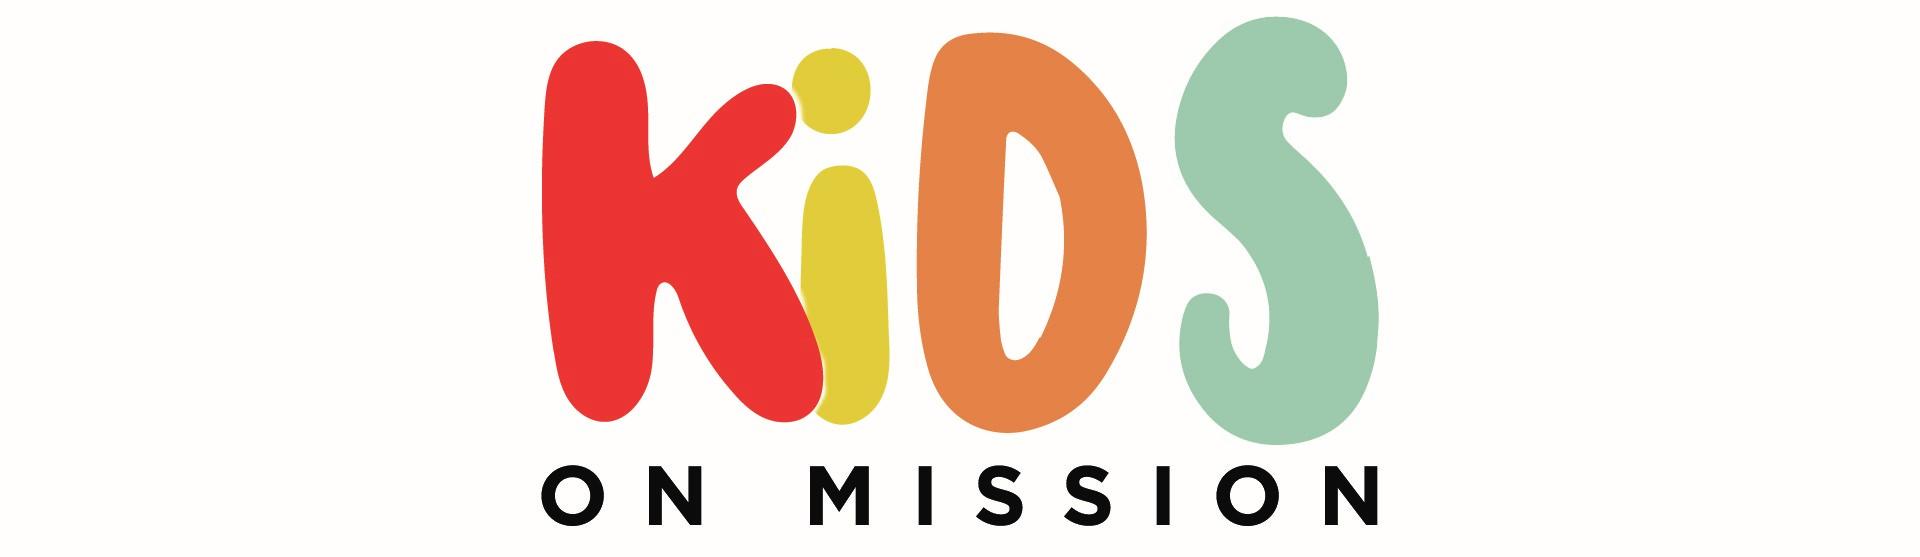 KIds on Mission.jpg